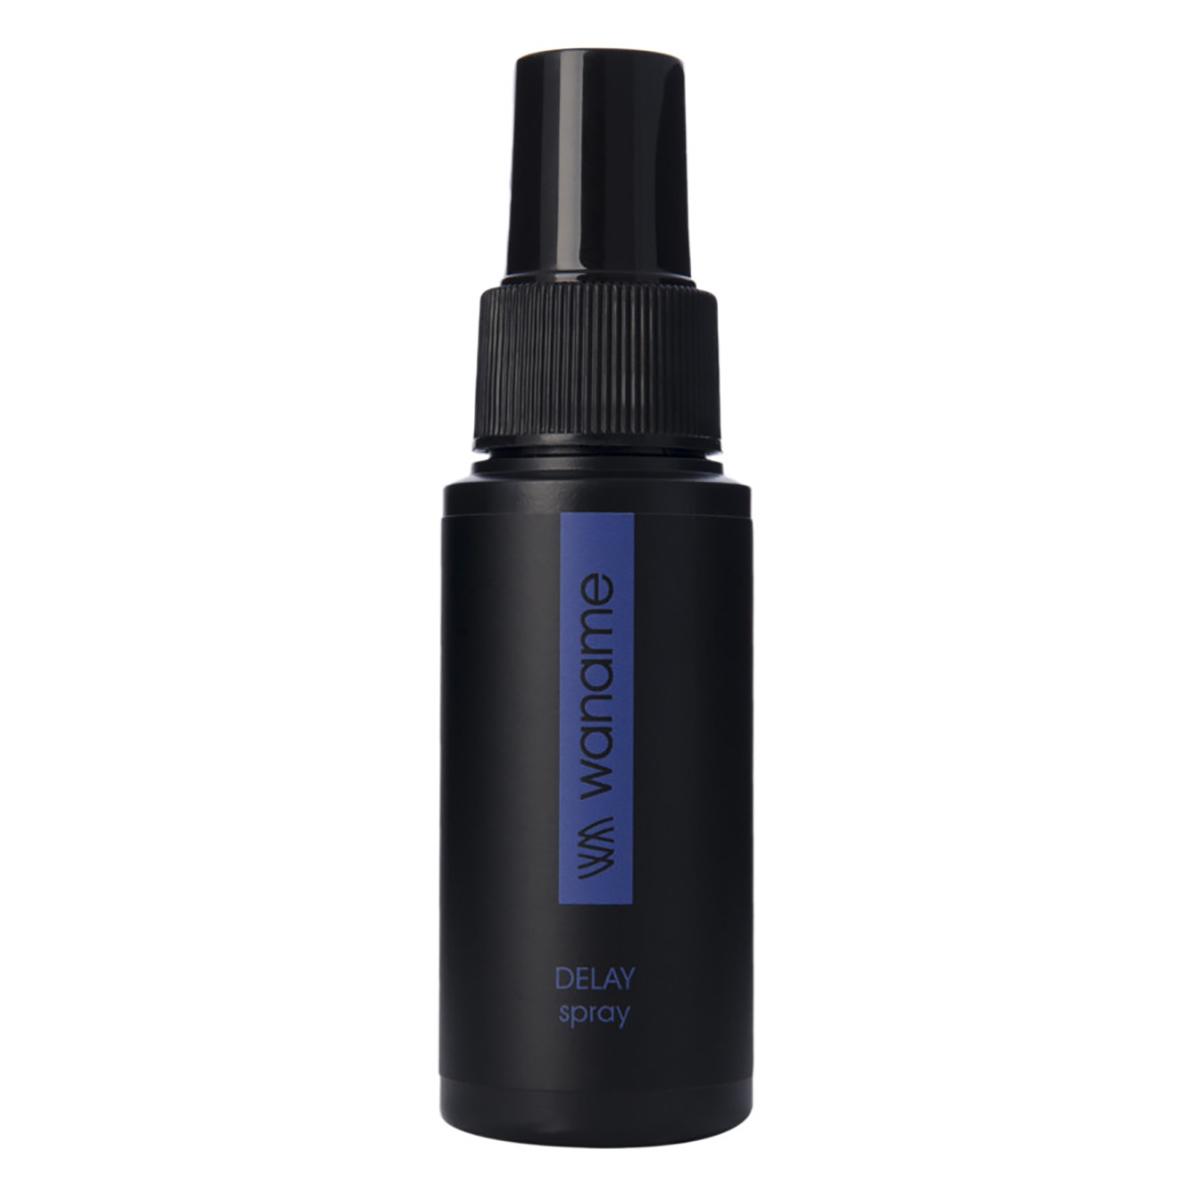 Спрей Waname Delay Spray для продления эрекции 50 мл